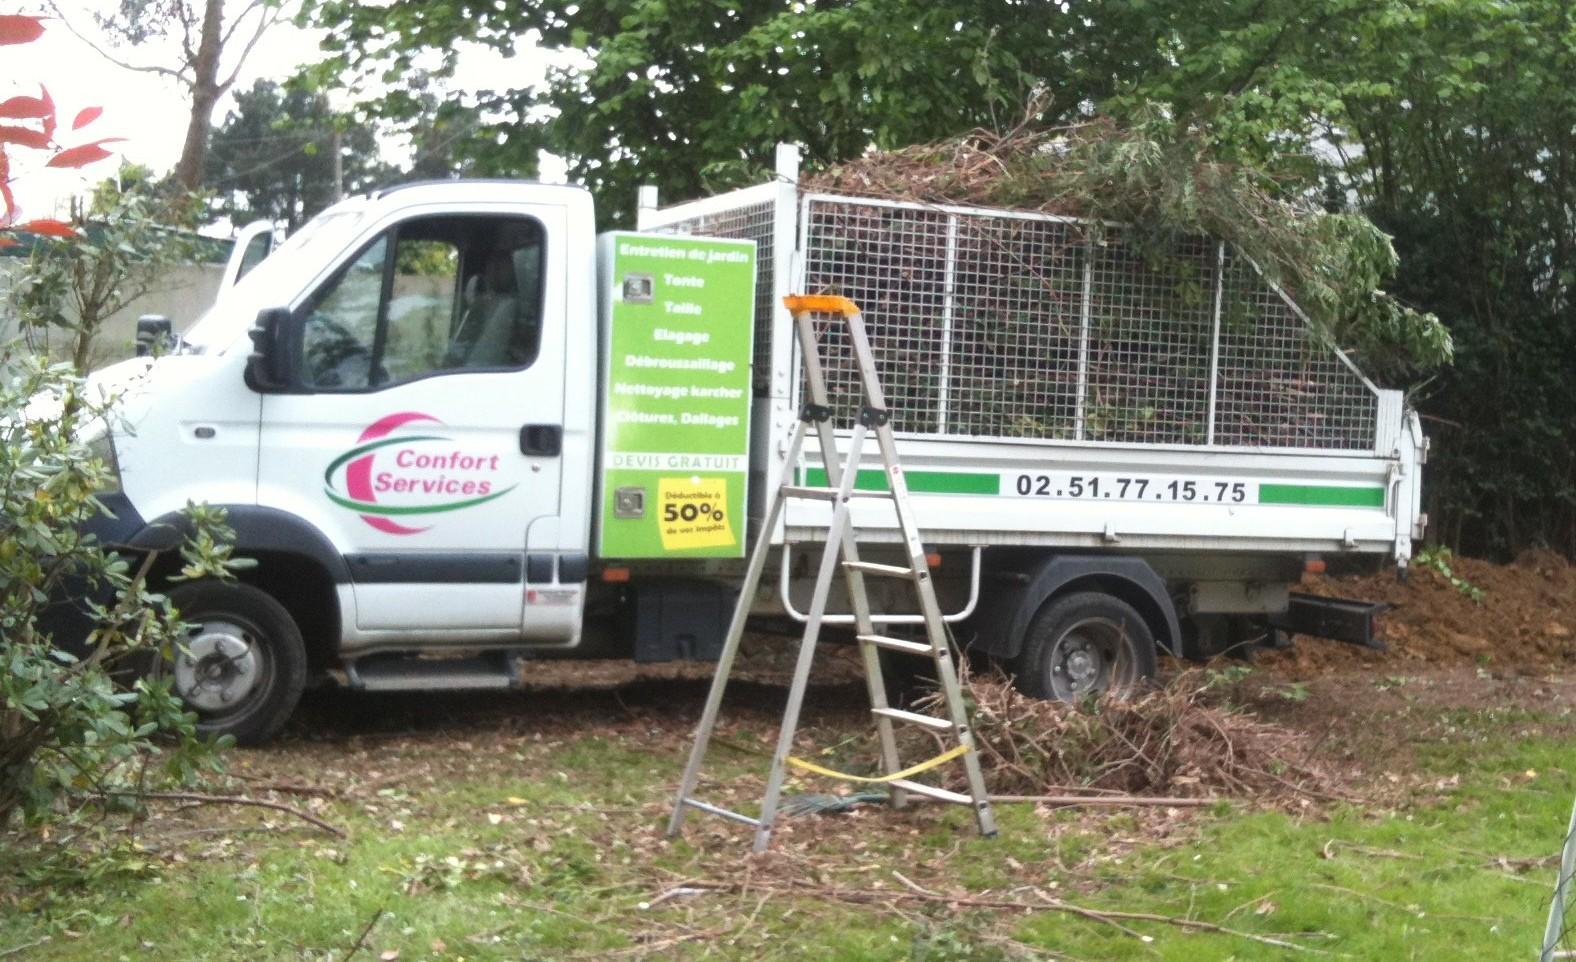 véhicule de Confort services qui enleve des déchets verts